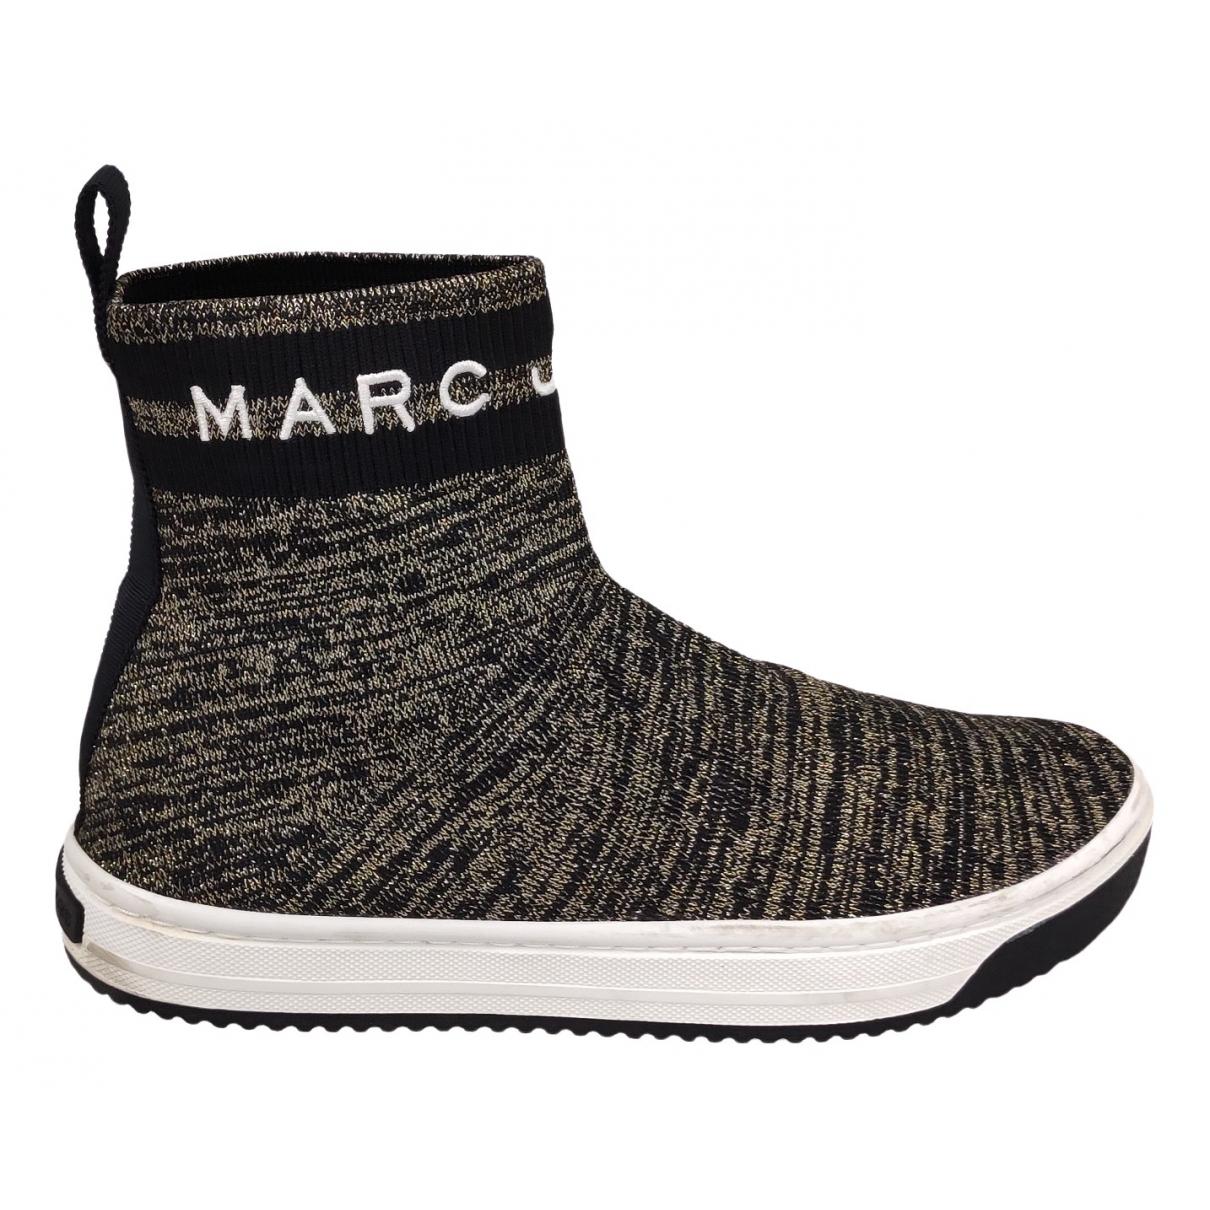 Marc Jacobs \N Sneakers in  Schwarz Leinen